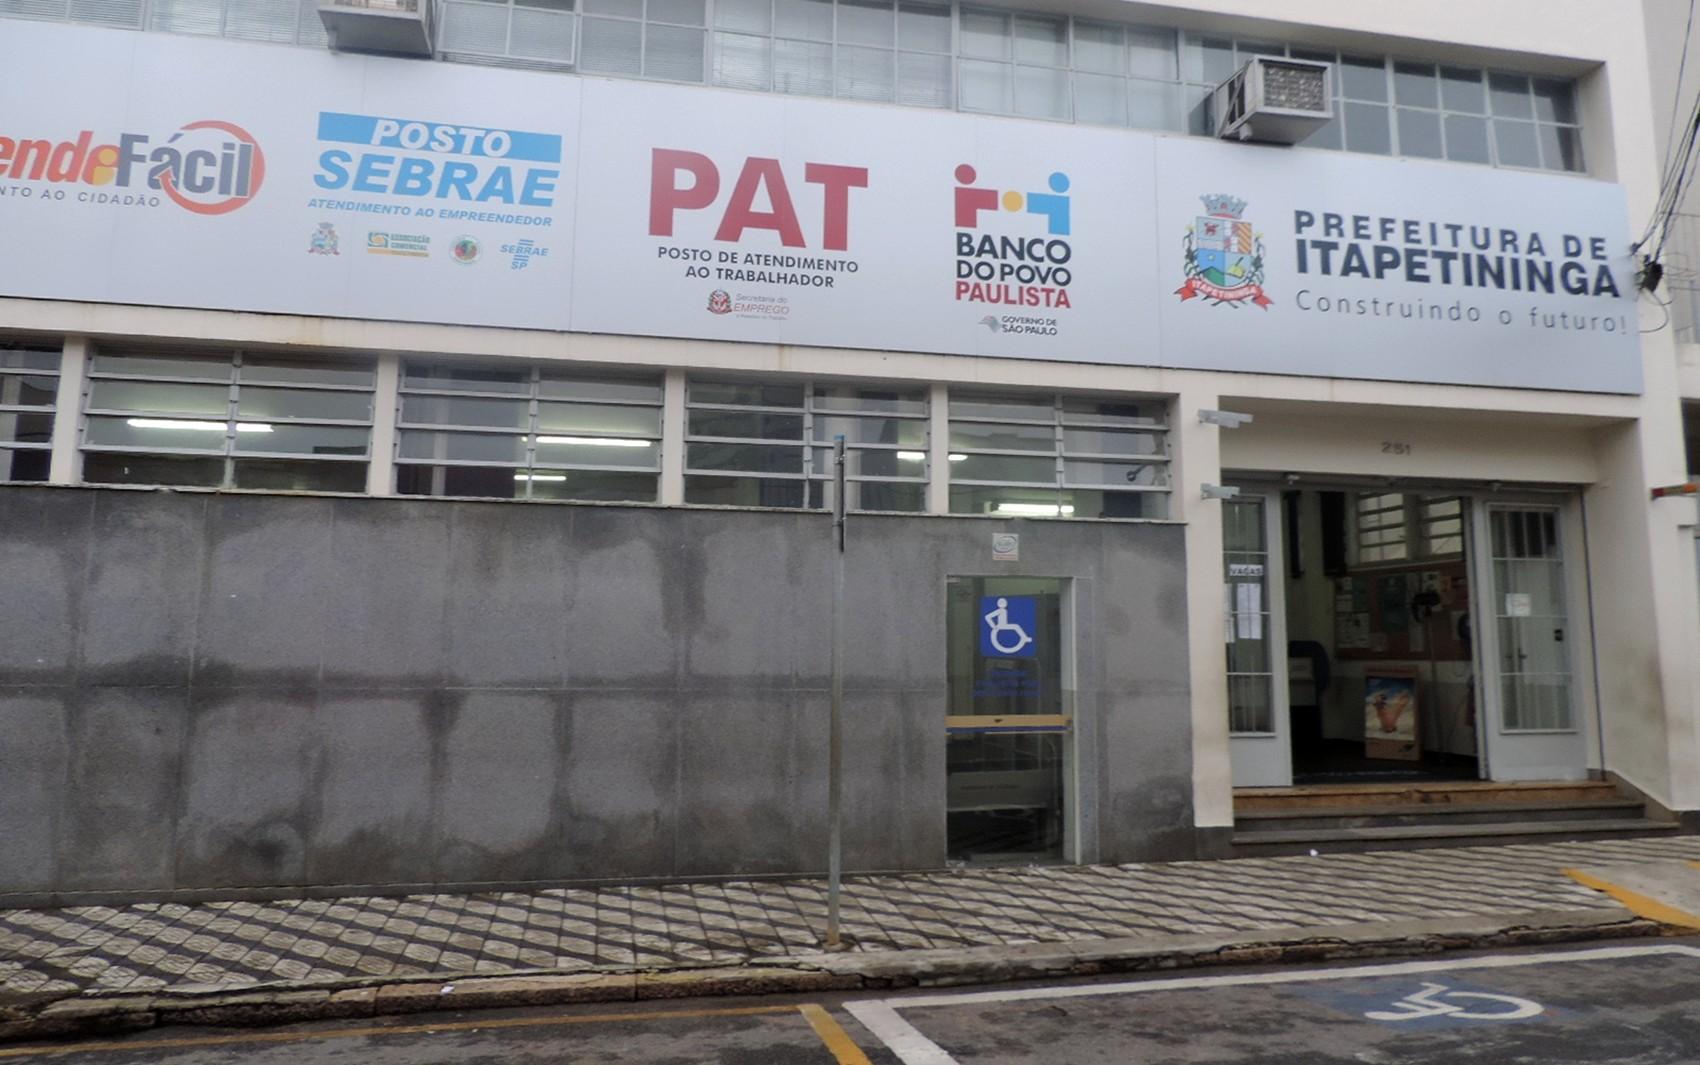 PATs na região de Itapetininga divulgam mais de 200 vagas de emprego